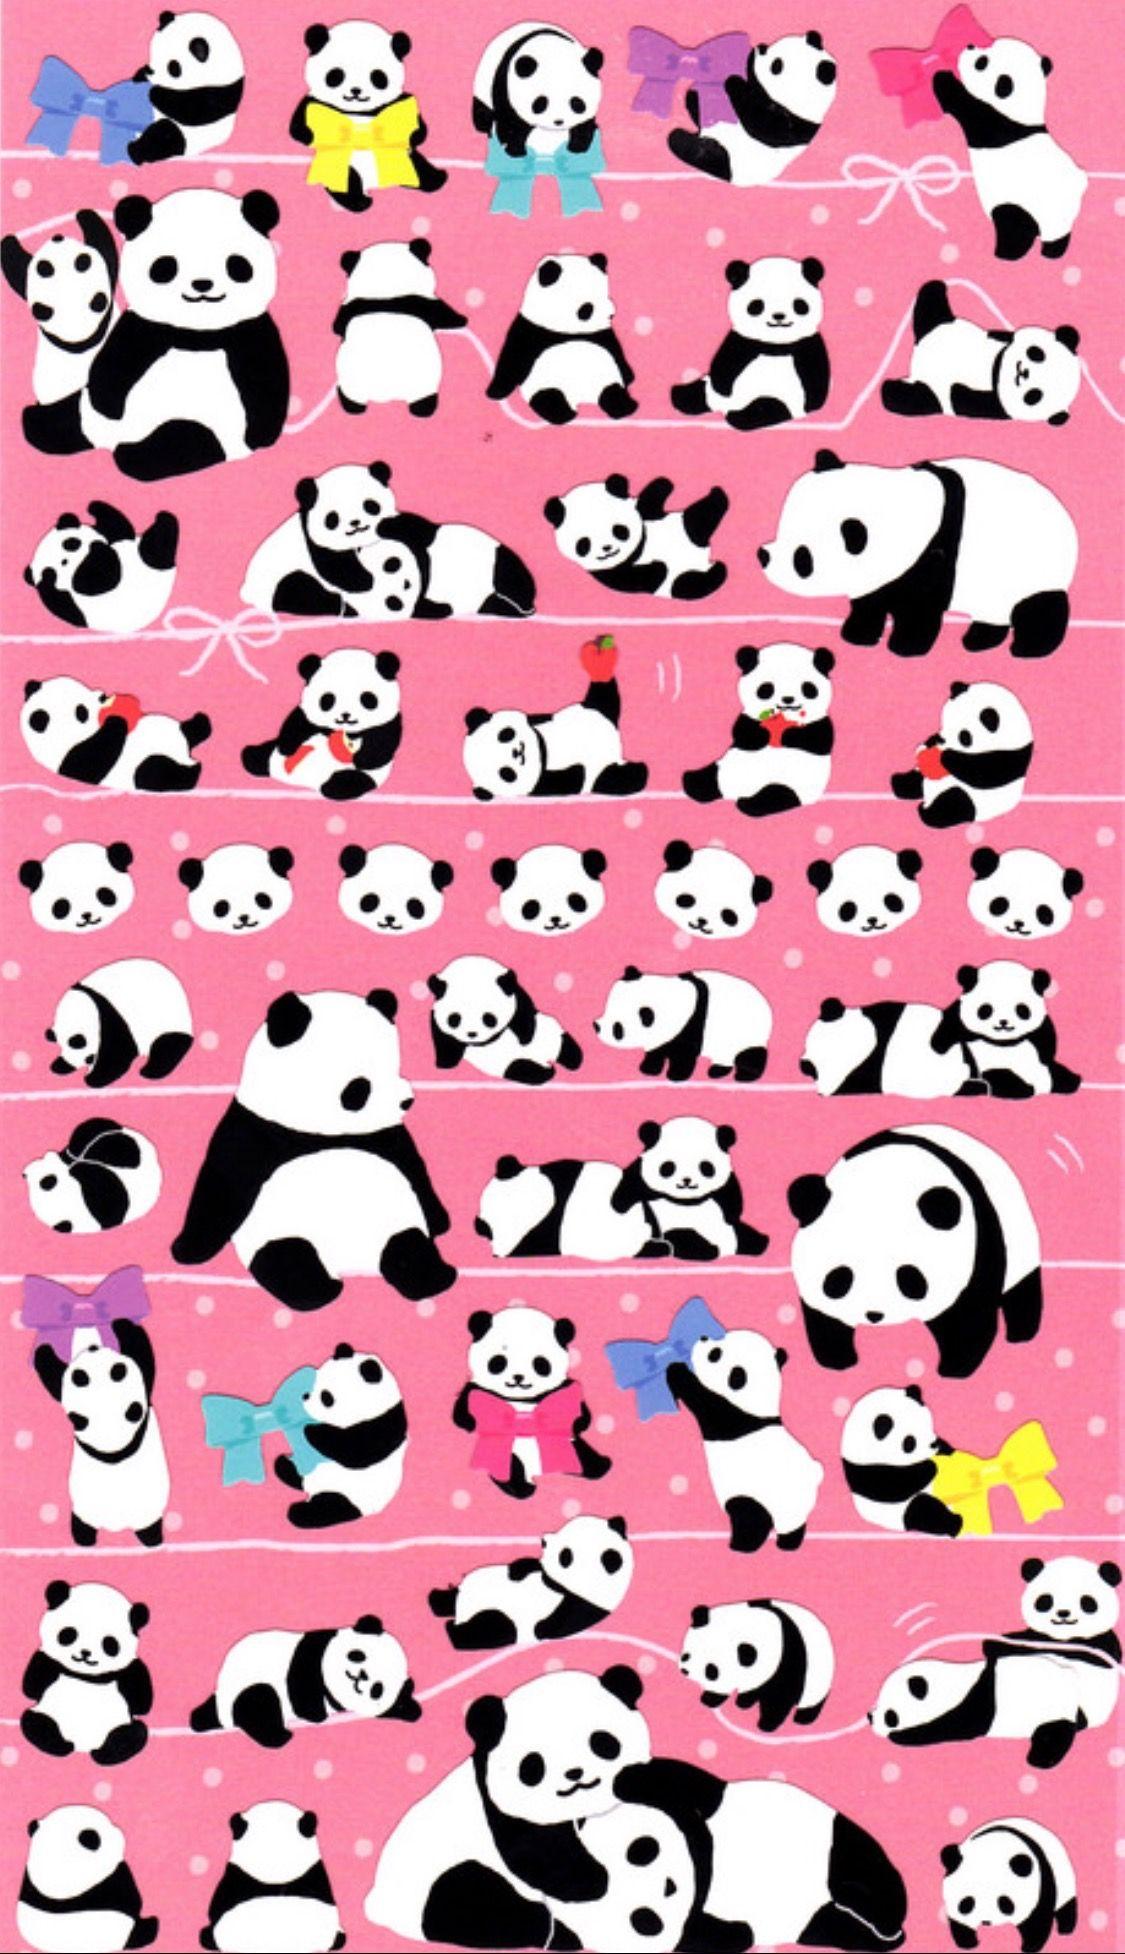 Pandas pink Panda Day, Animal Wallpaper, Cute Panda Wallpaper, Iphone Wallpaper, Pink